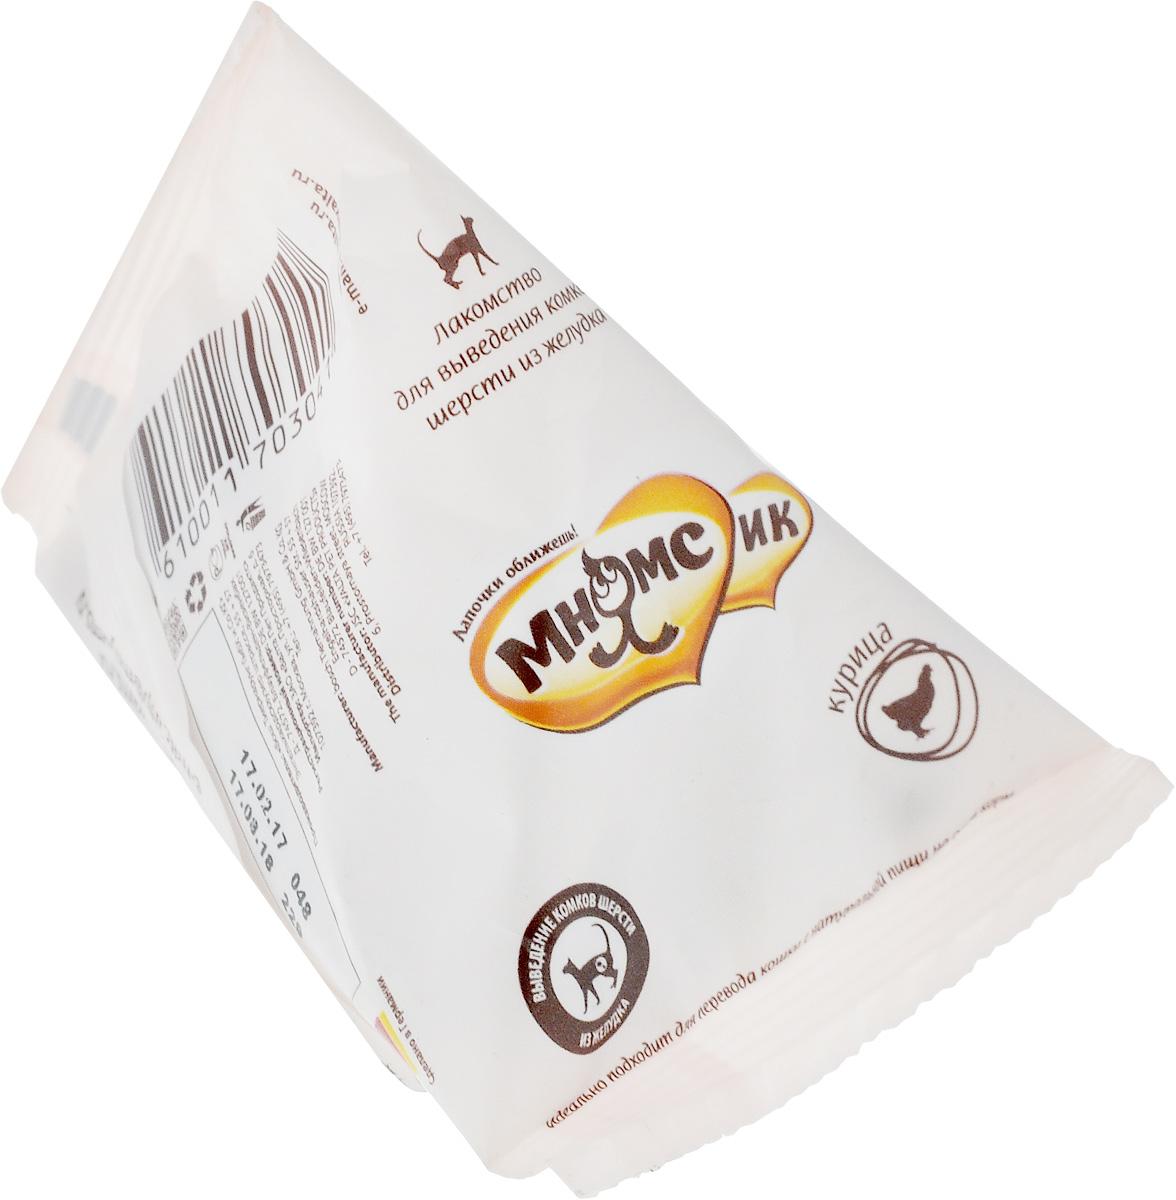 Лакомство МнямсИК, для выведения комков шерсти из желудка, 20 г703041Полезные компоненты, входящие в состав невероятно вкусного лакомства МнямсИК, способствуют выведению комков шерсти из желудка.Состав: мясо и мясные субпродукты (20% свежей птицы), производные растительного происхождения (4% целлюлозы, 0,5% подорожника), масла и жиры, яйца и производные яиц, минералы, дрожжи, фрукты, моллюски и ракообразные.Анализ состава: сырой белок 30%, жир 21,5%, сырая клетчатка 5,5%, сырая зола 6,5%.Пищевые добавки: витамин А 16750 МЕ/кг, витамин D3 1450 МЕ/кг, витамин Е 145 мг/кг, медь 10 мг/кг, цинк 30 мг/кг, цинк 95 мг/кг), йод 2 мг/кг, селен 0,2 мг/кг, таурин 1900 мг/кг.Товар сертифицирован.